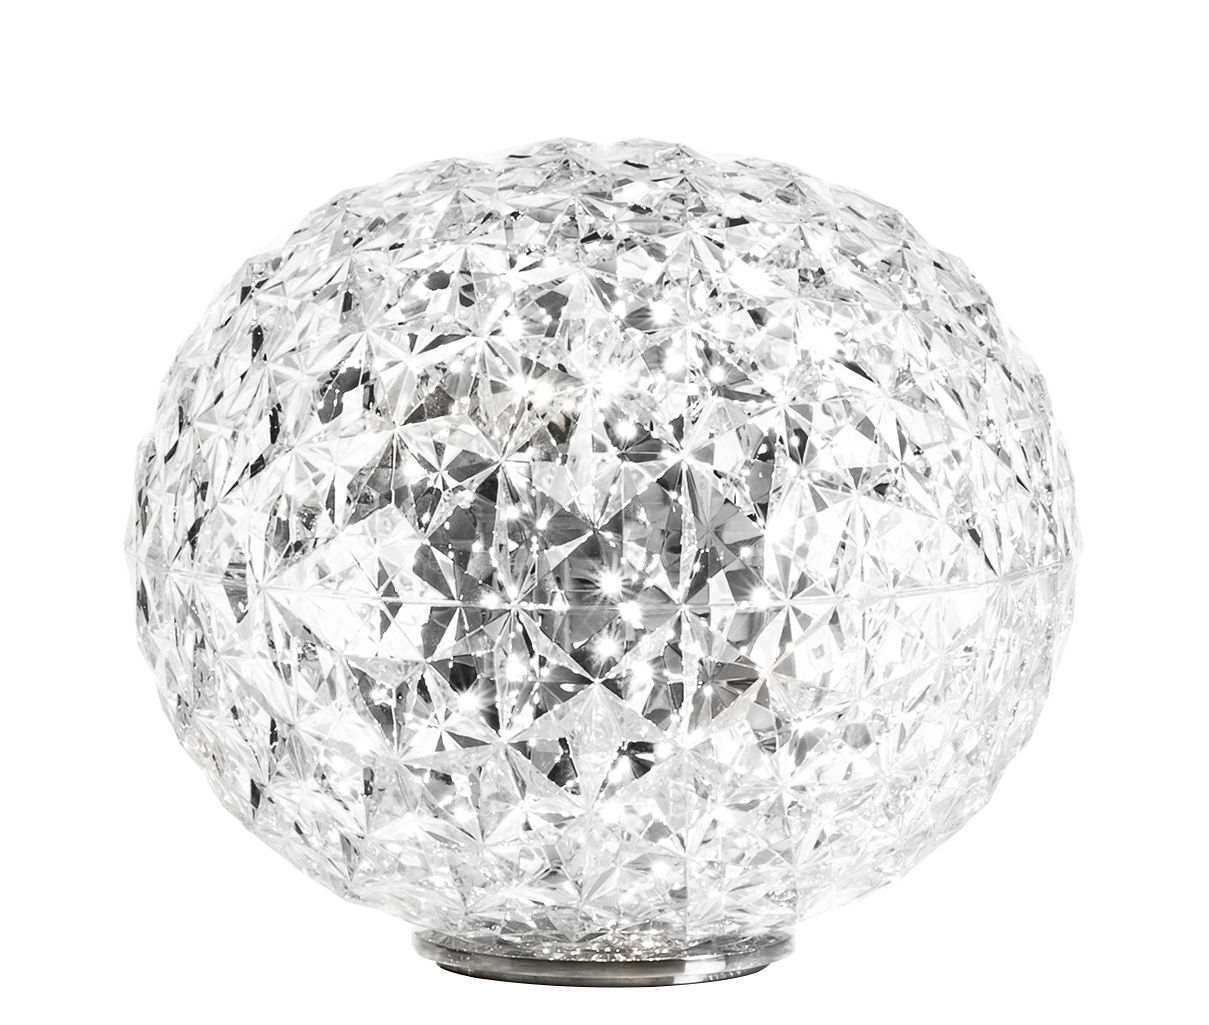 Luminaire - Lampes de table - Lampe de table Planet / LED - H 28 cm - Kartell - Cristal - Technopolymère thermoplastique